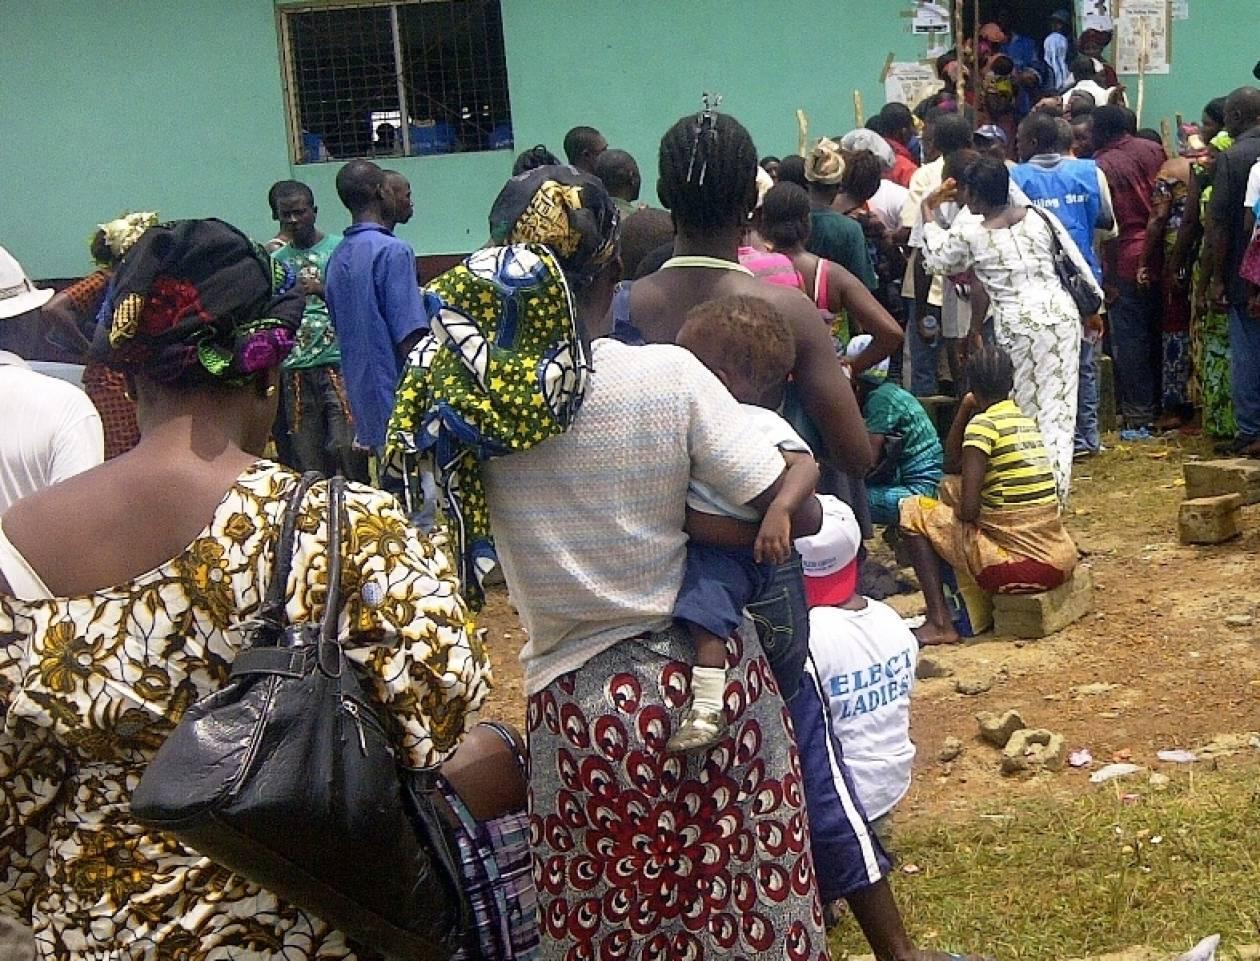 Λιβερία: Πυροβολισμοί σε προεκλογική συγκέντρωση